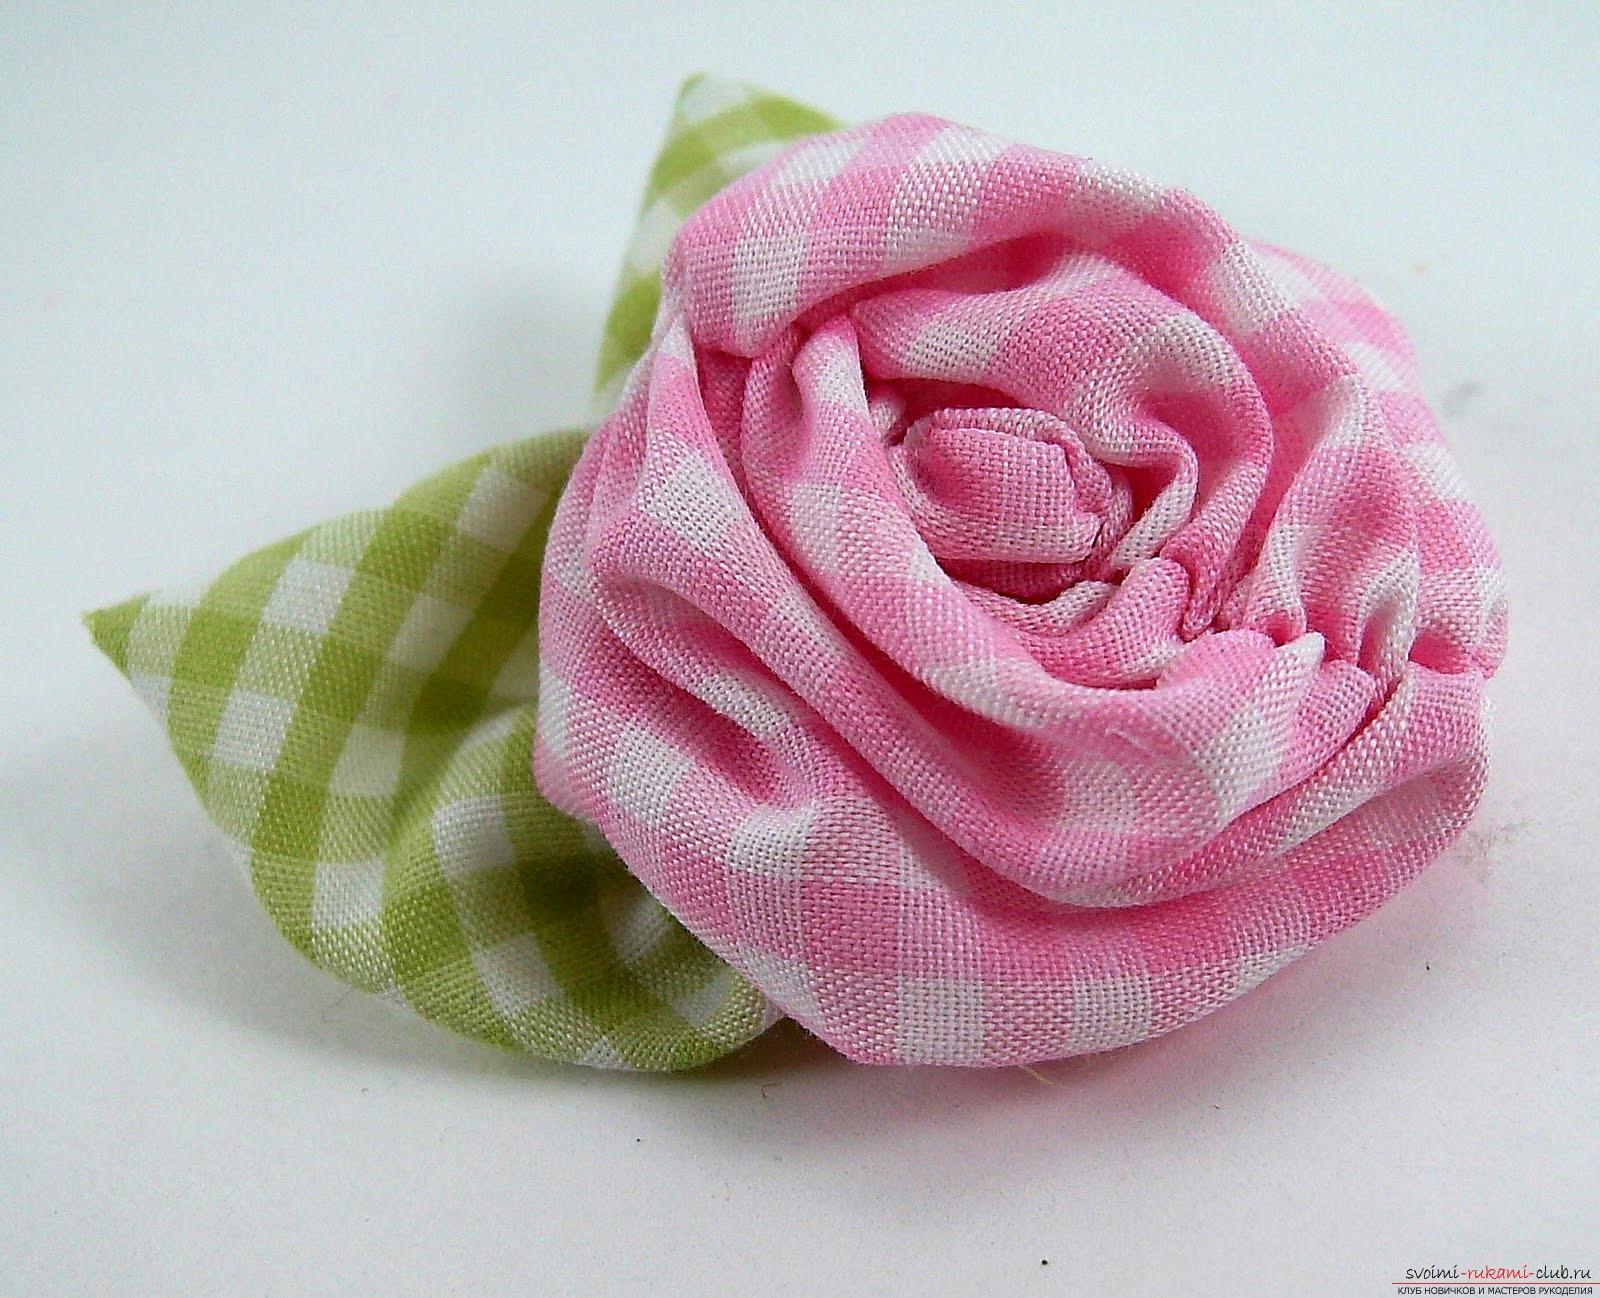 Сделать цветы из трикотажа для платья своими руками